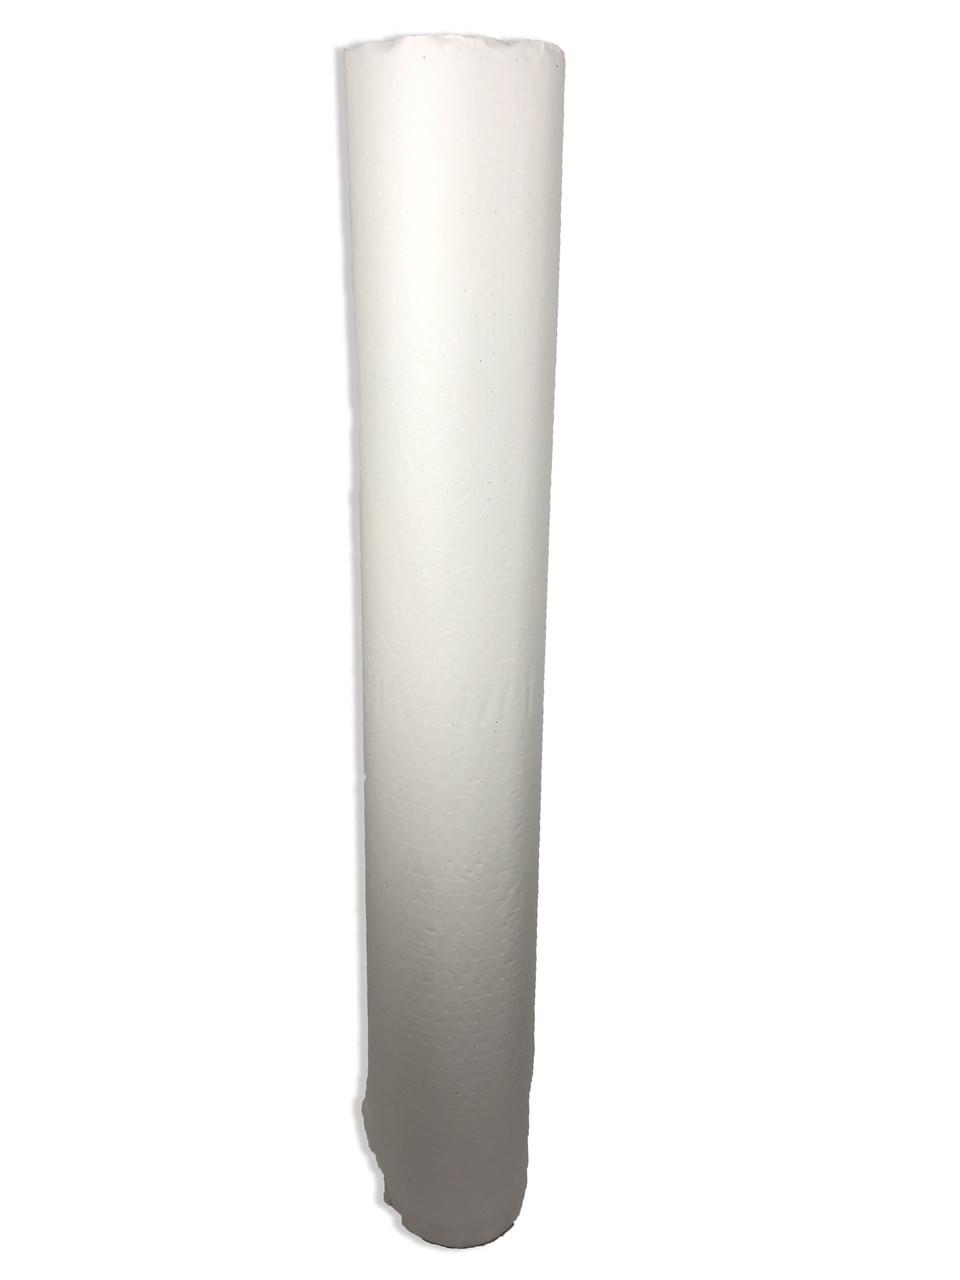 Клеевая бумага для плоттера Турция 184 см / 69г рулон 25кг